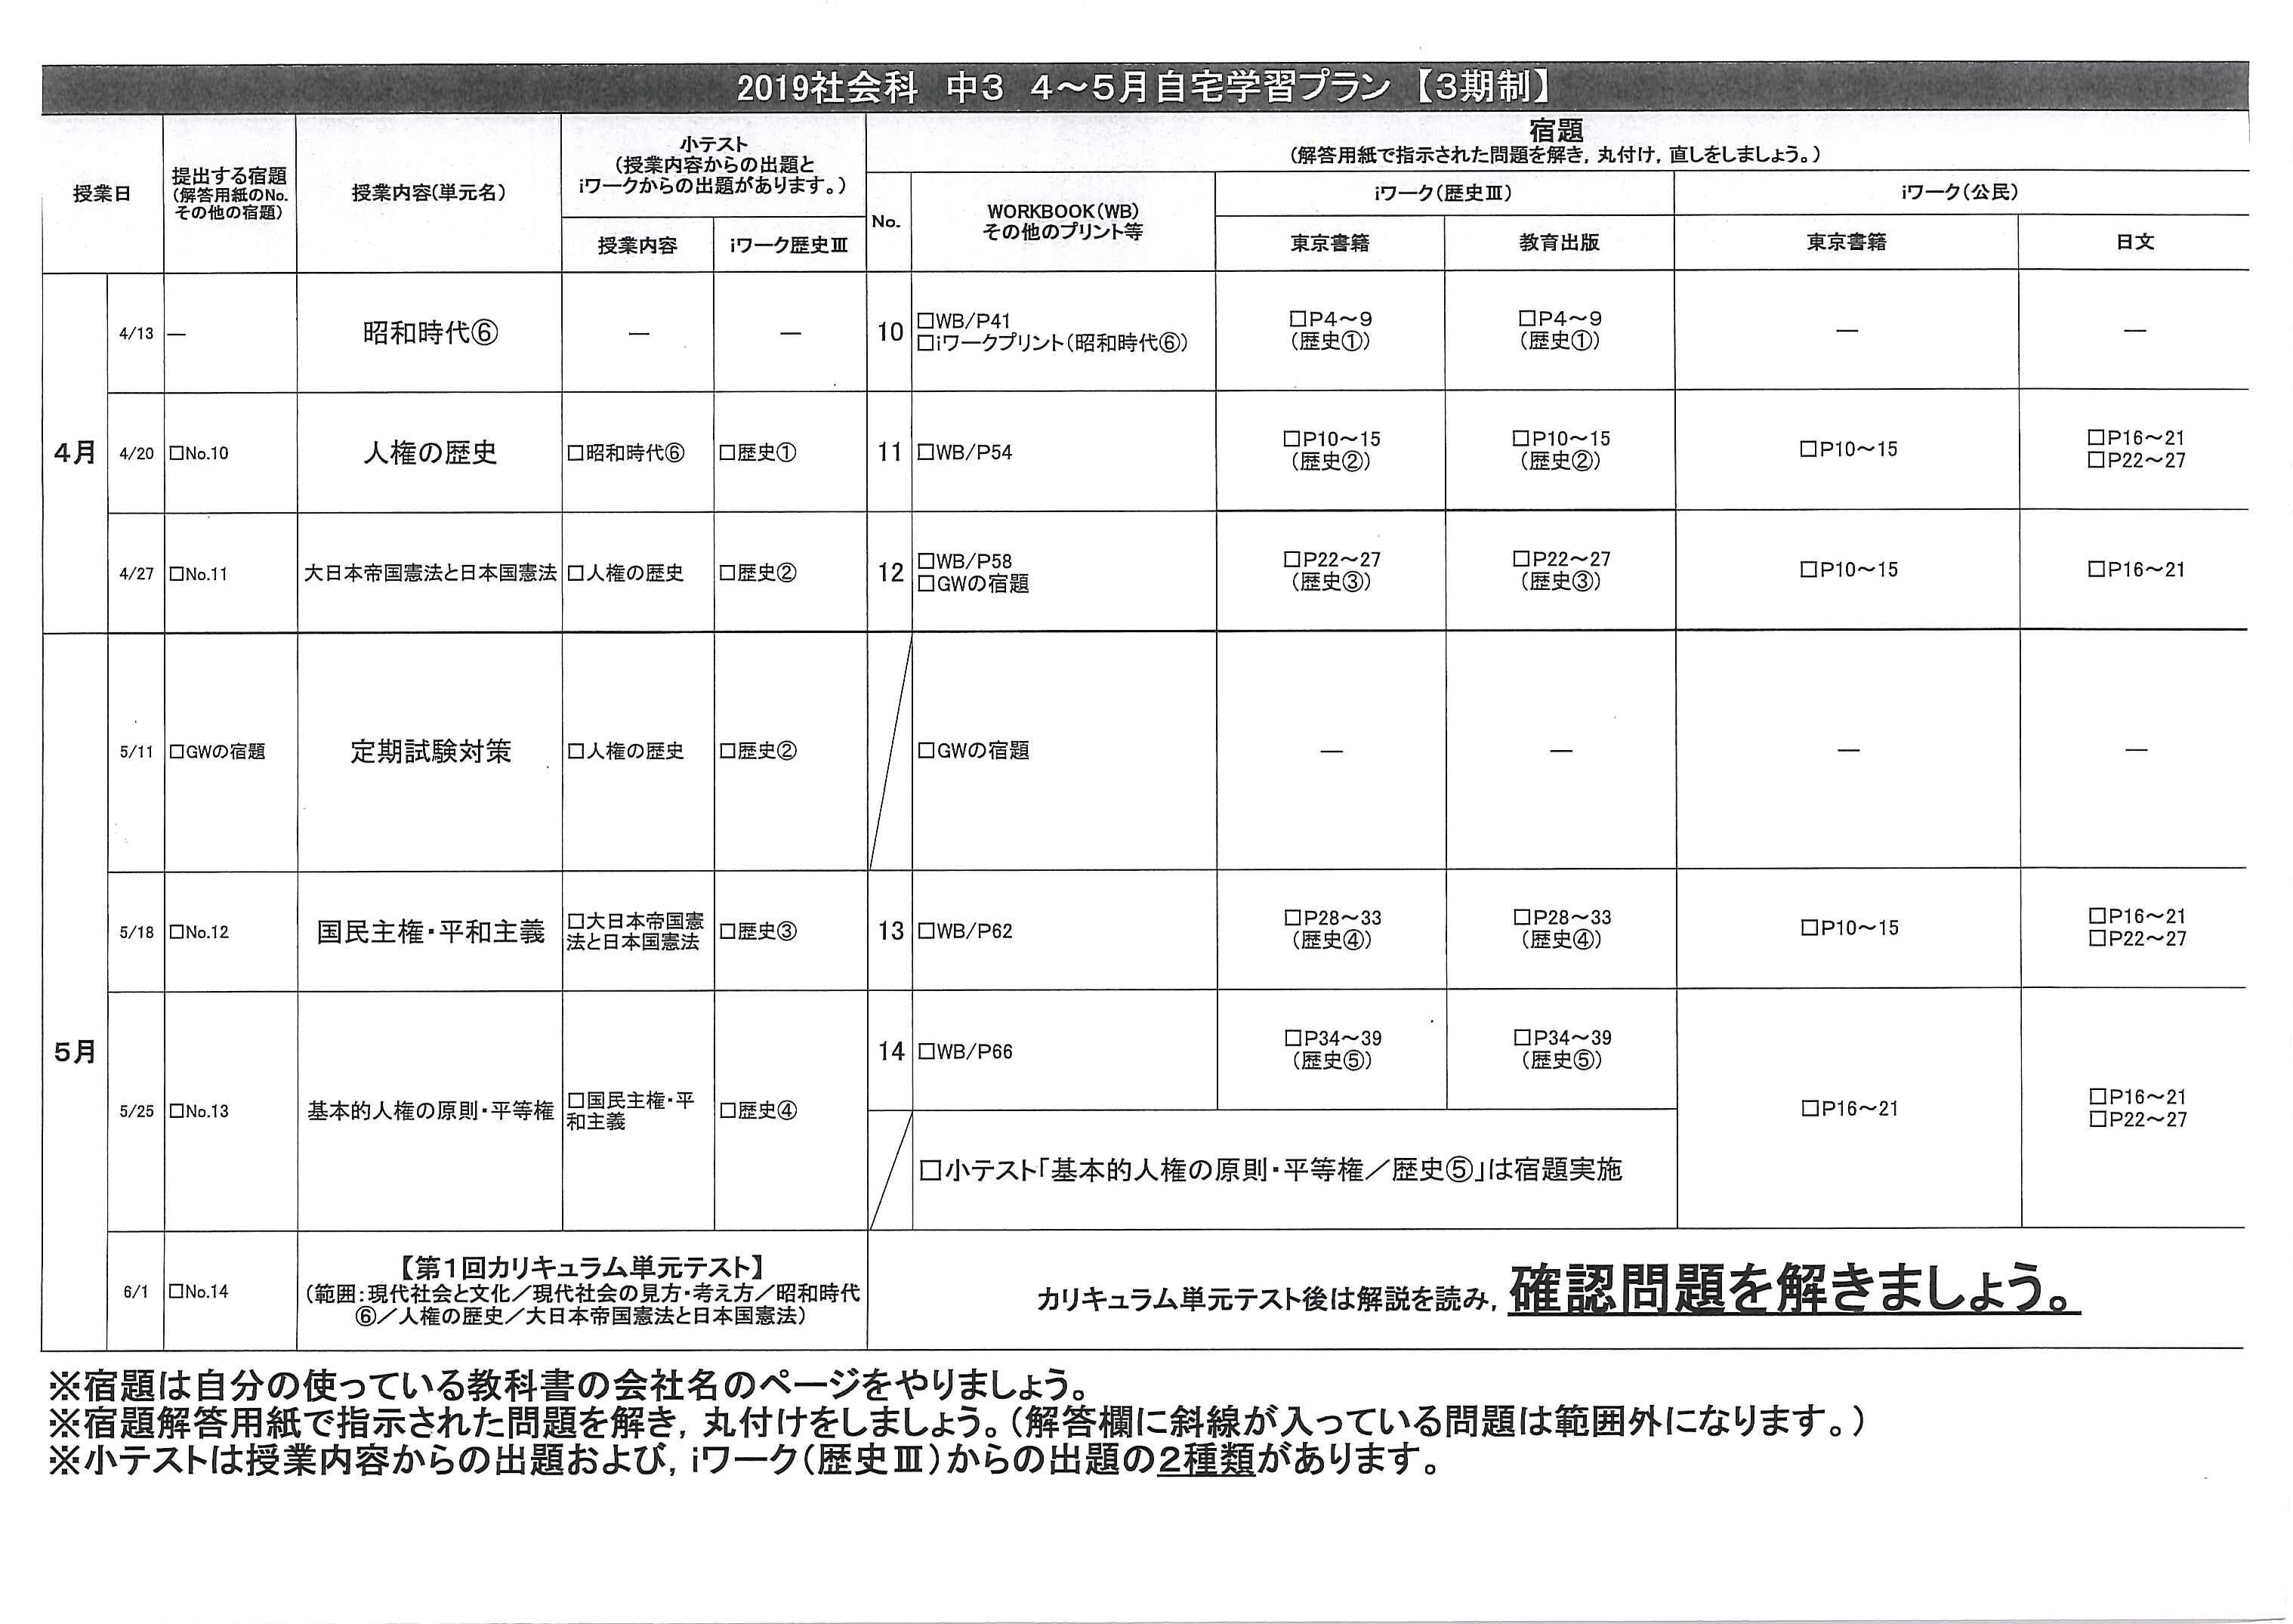 2019年5月中学生宿題小テスト表【HP用⑫】.png